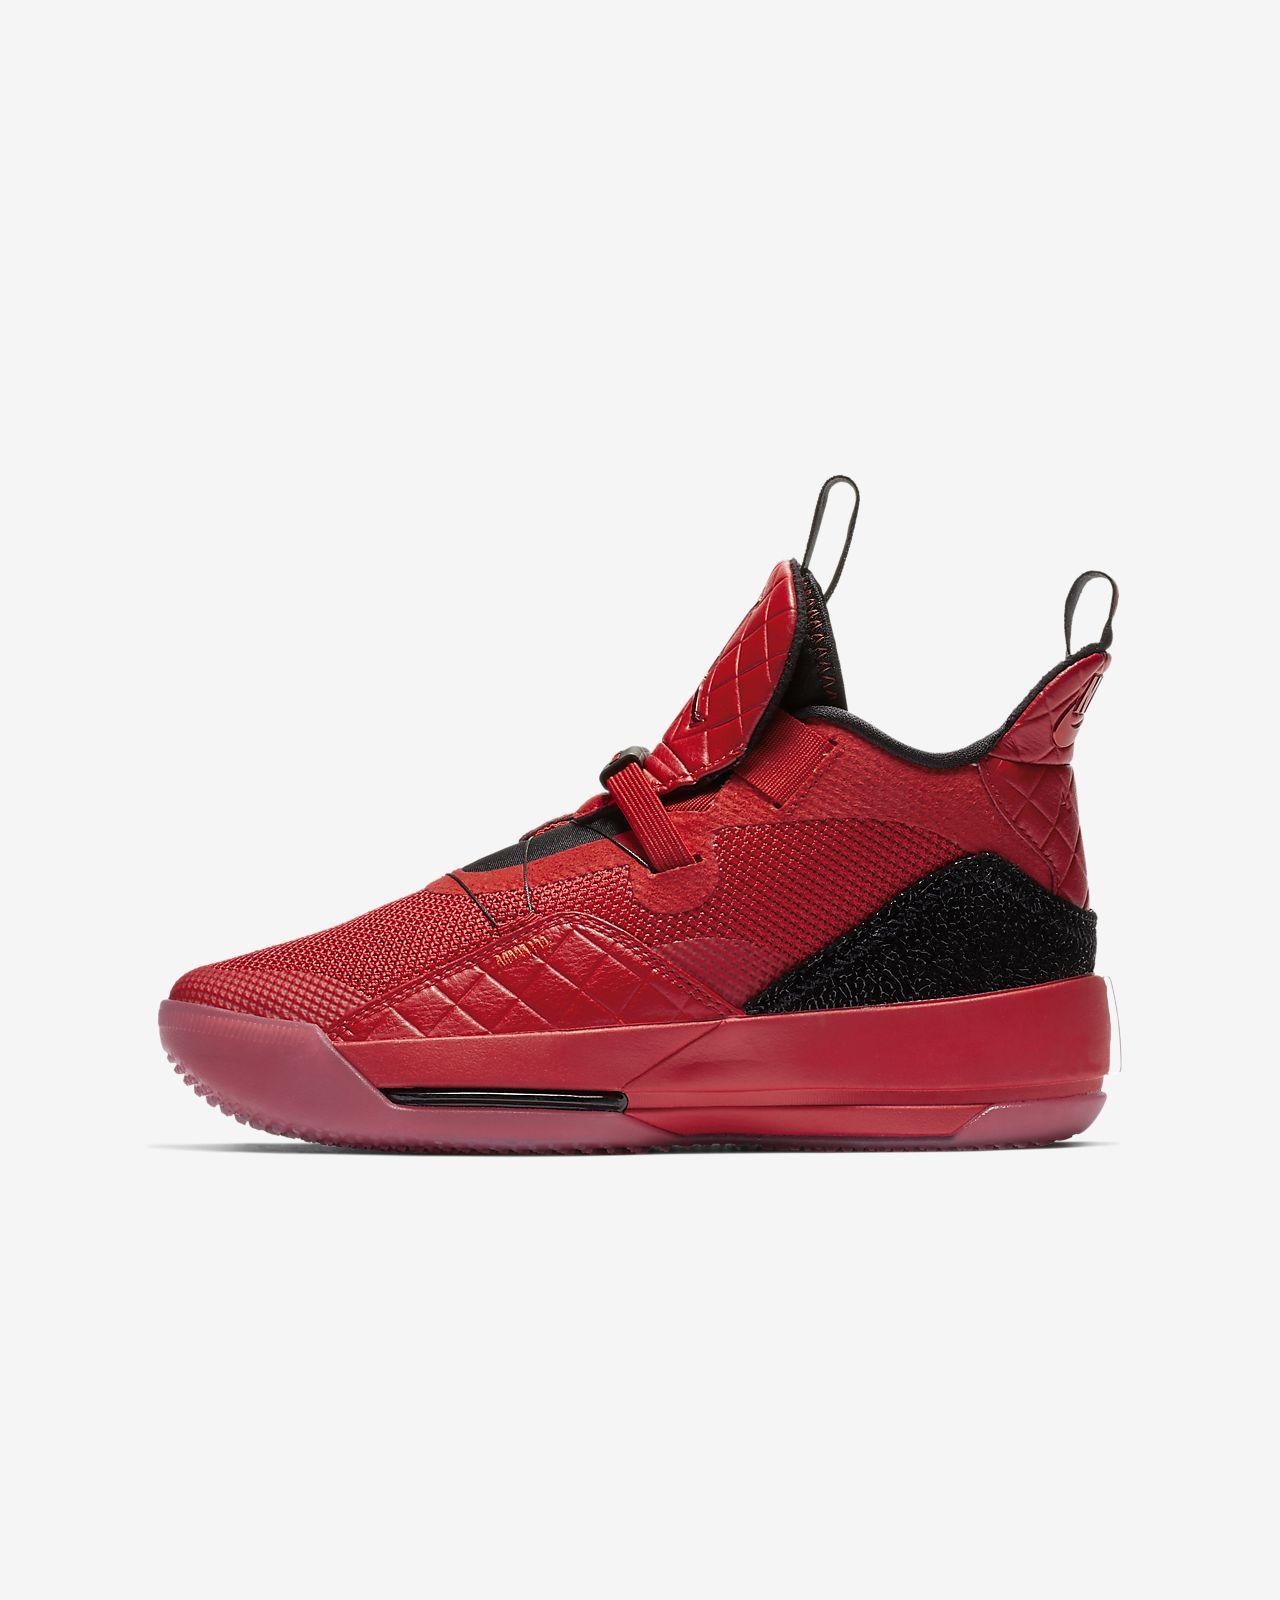 220b9ea997c Chaussure de basketball Air Jordan XXXIII pour Enfant plus âgé. Nike ...